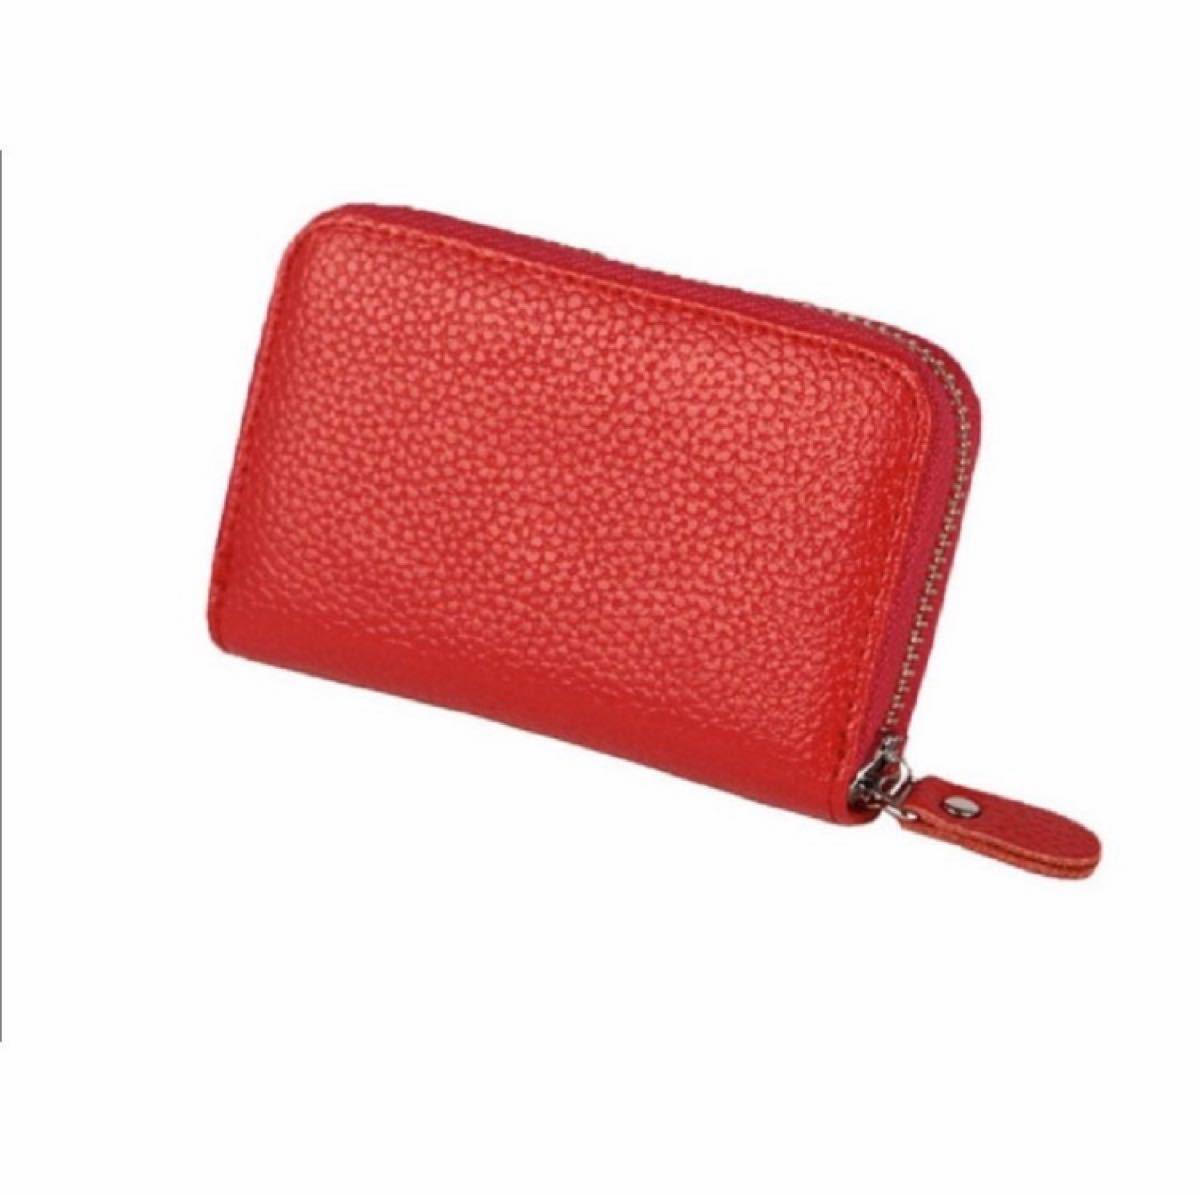 カードケース ジャバラ 蛇腹 カード入れ スキミング防止 RFID ミニ財布